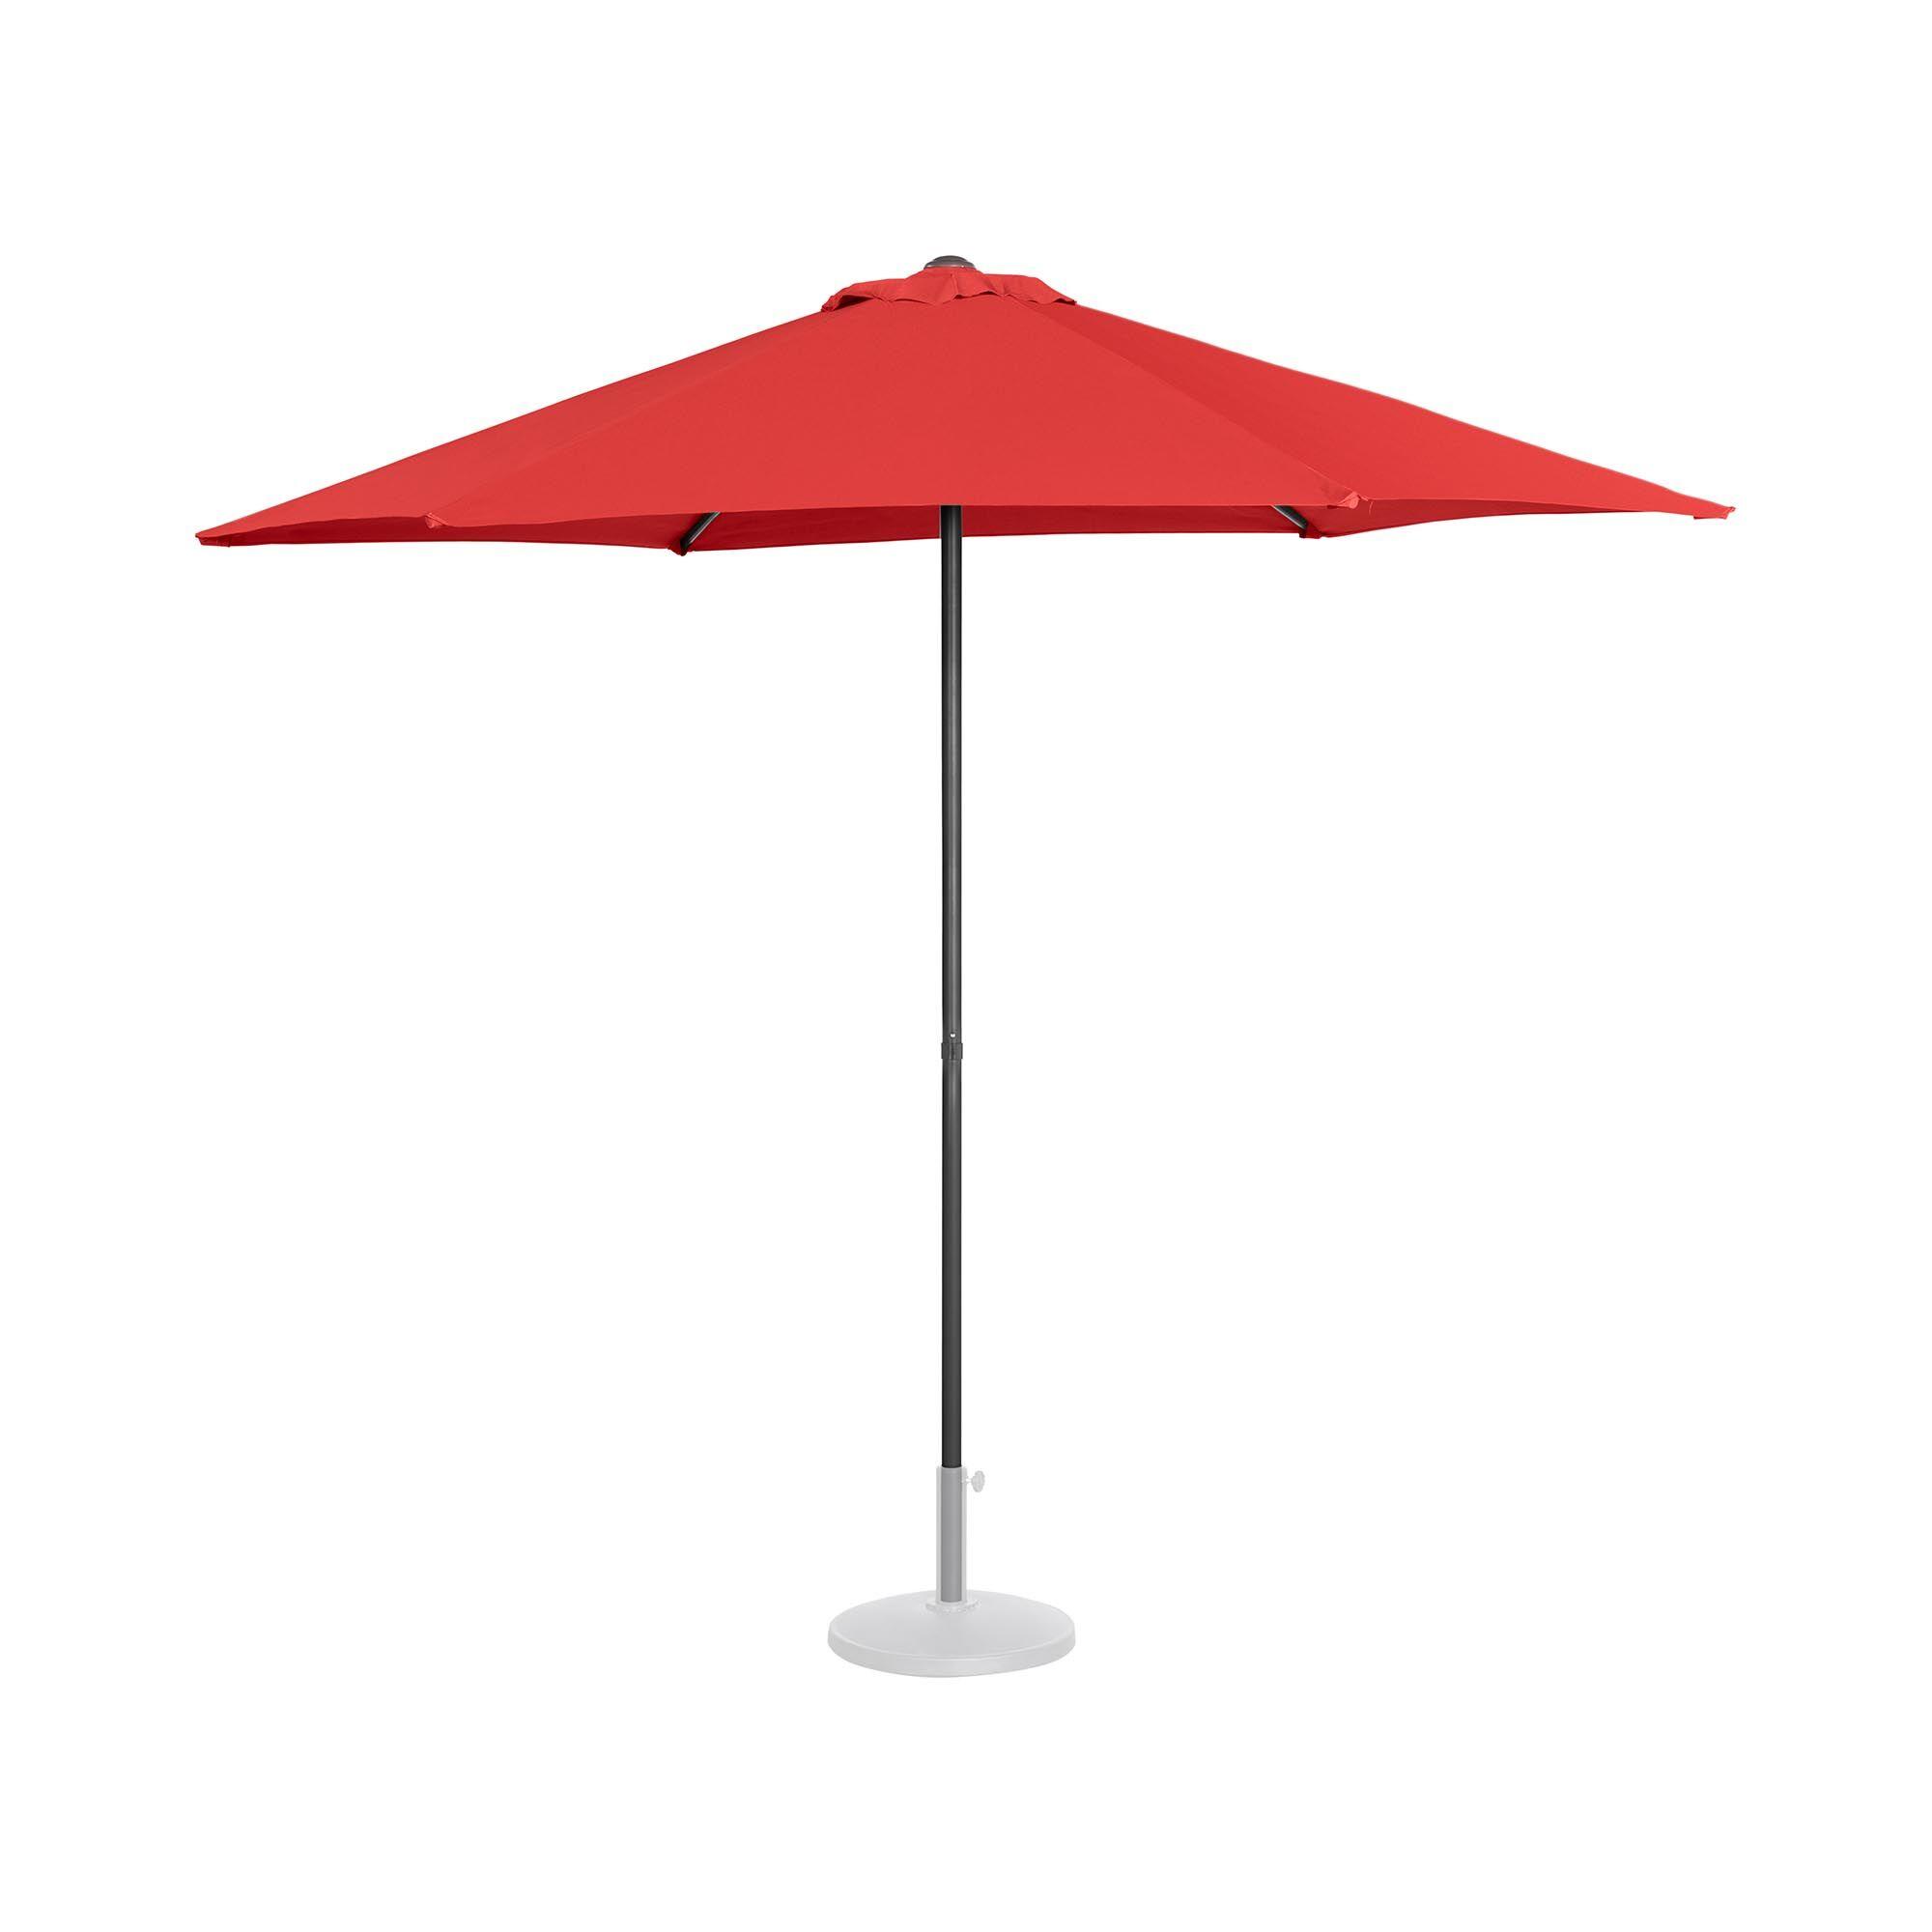 uniprodo ombrellone da esterno - palo centrale - rosso - esagonale - Ø 270 cm uni_umbrella_mr270re